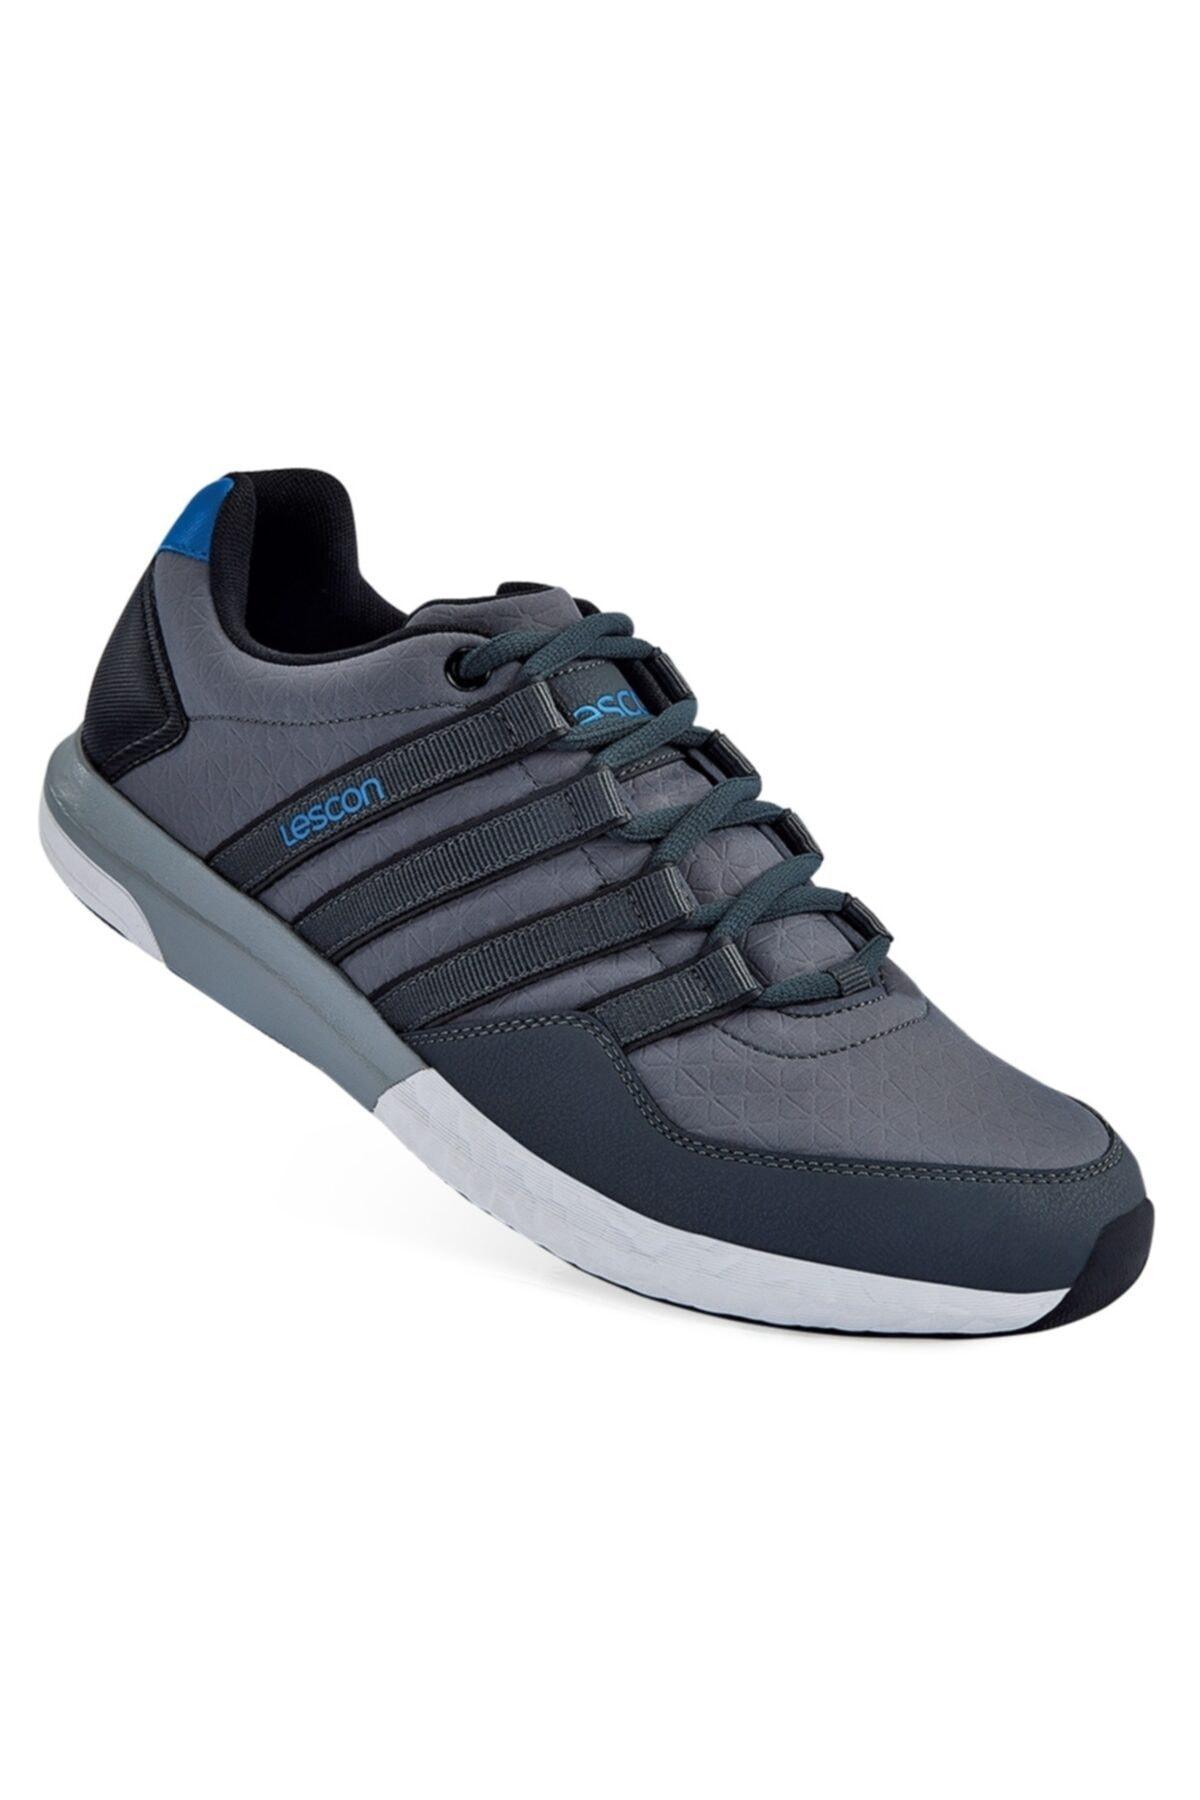 Lescon Füme Bağcıklı Easystep Spor Ayakkabı 2